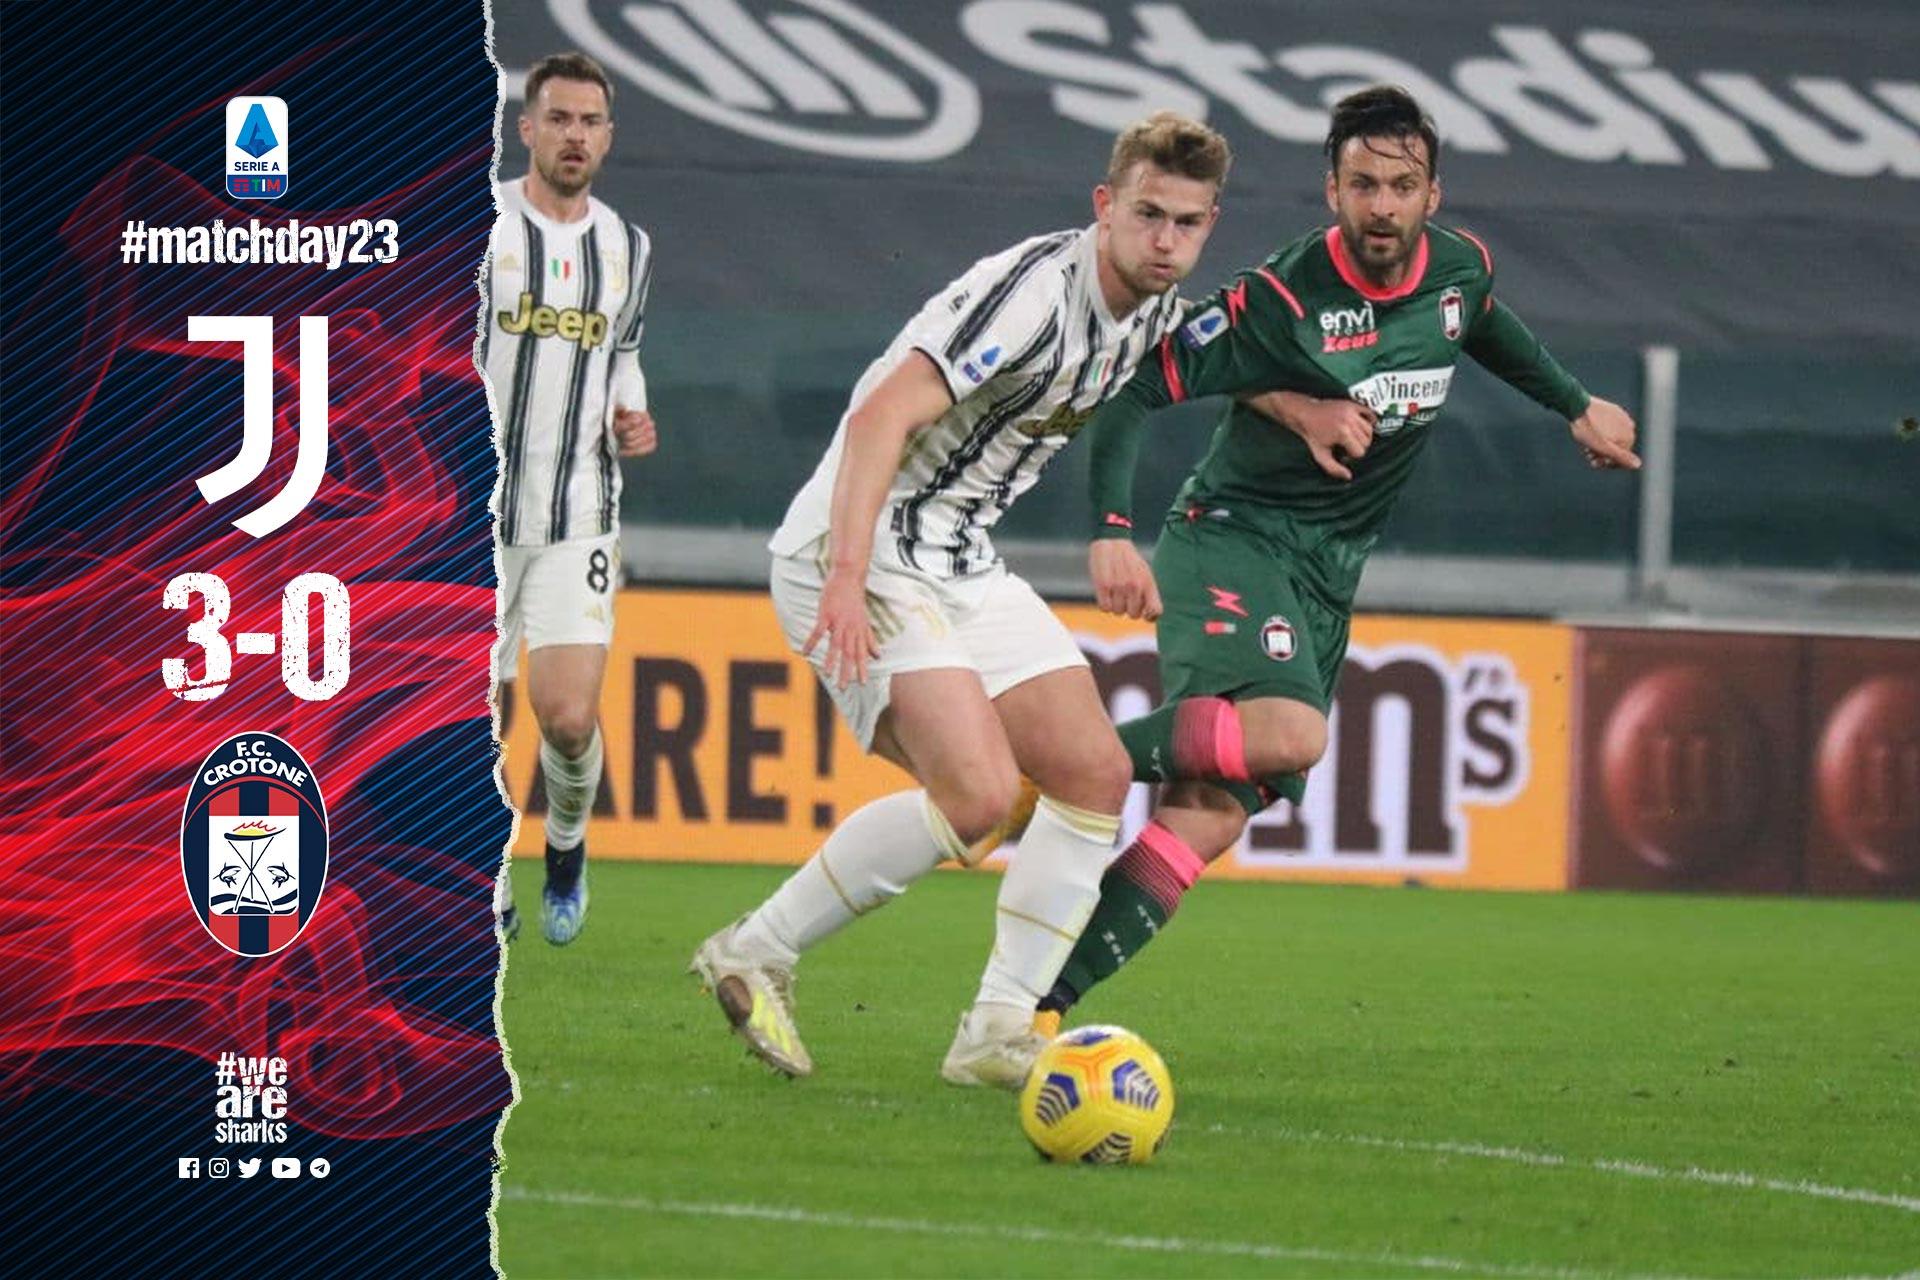 Serie A Tim, 23ª giornata: Juventus-Crotone 3-0